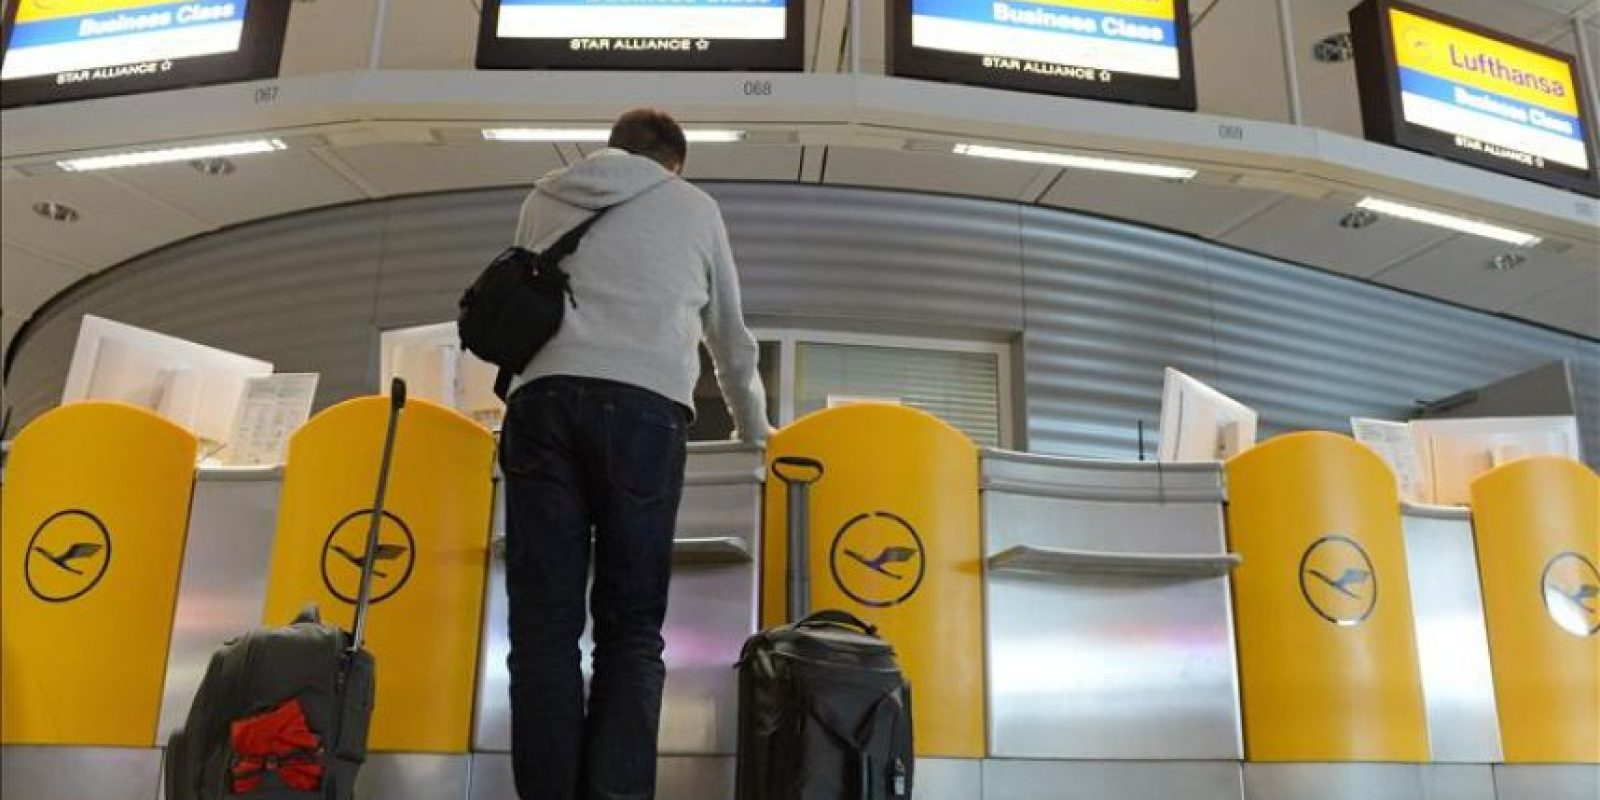 La compañía aérea alemana Lufthansa ha cancelado 1.400 vuelos por la huelga de 35 horas de los pilotos, que comenzará hoy a las 11.00 horas GMT con los vuelos de corta y media distancia y va a afectar a unos 200.000 pasajeros. EFE